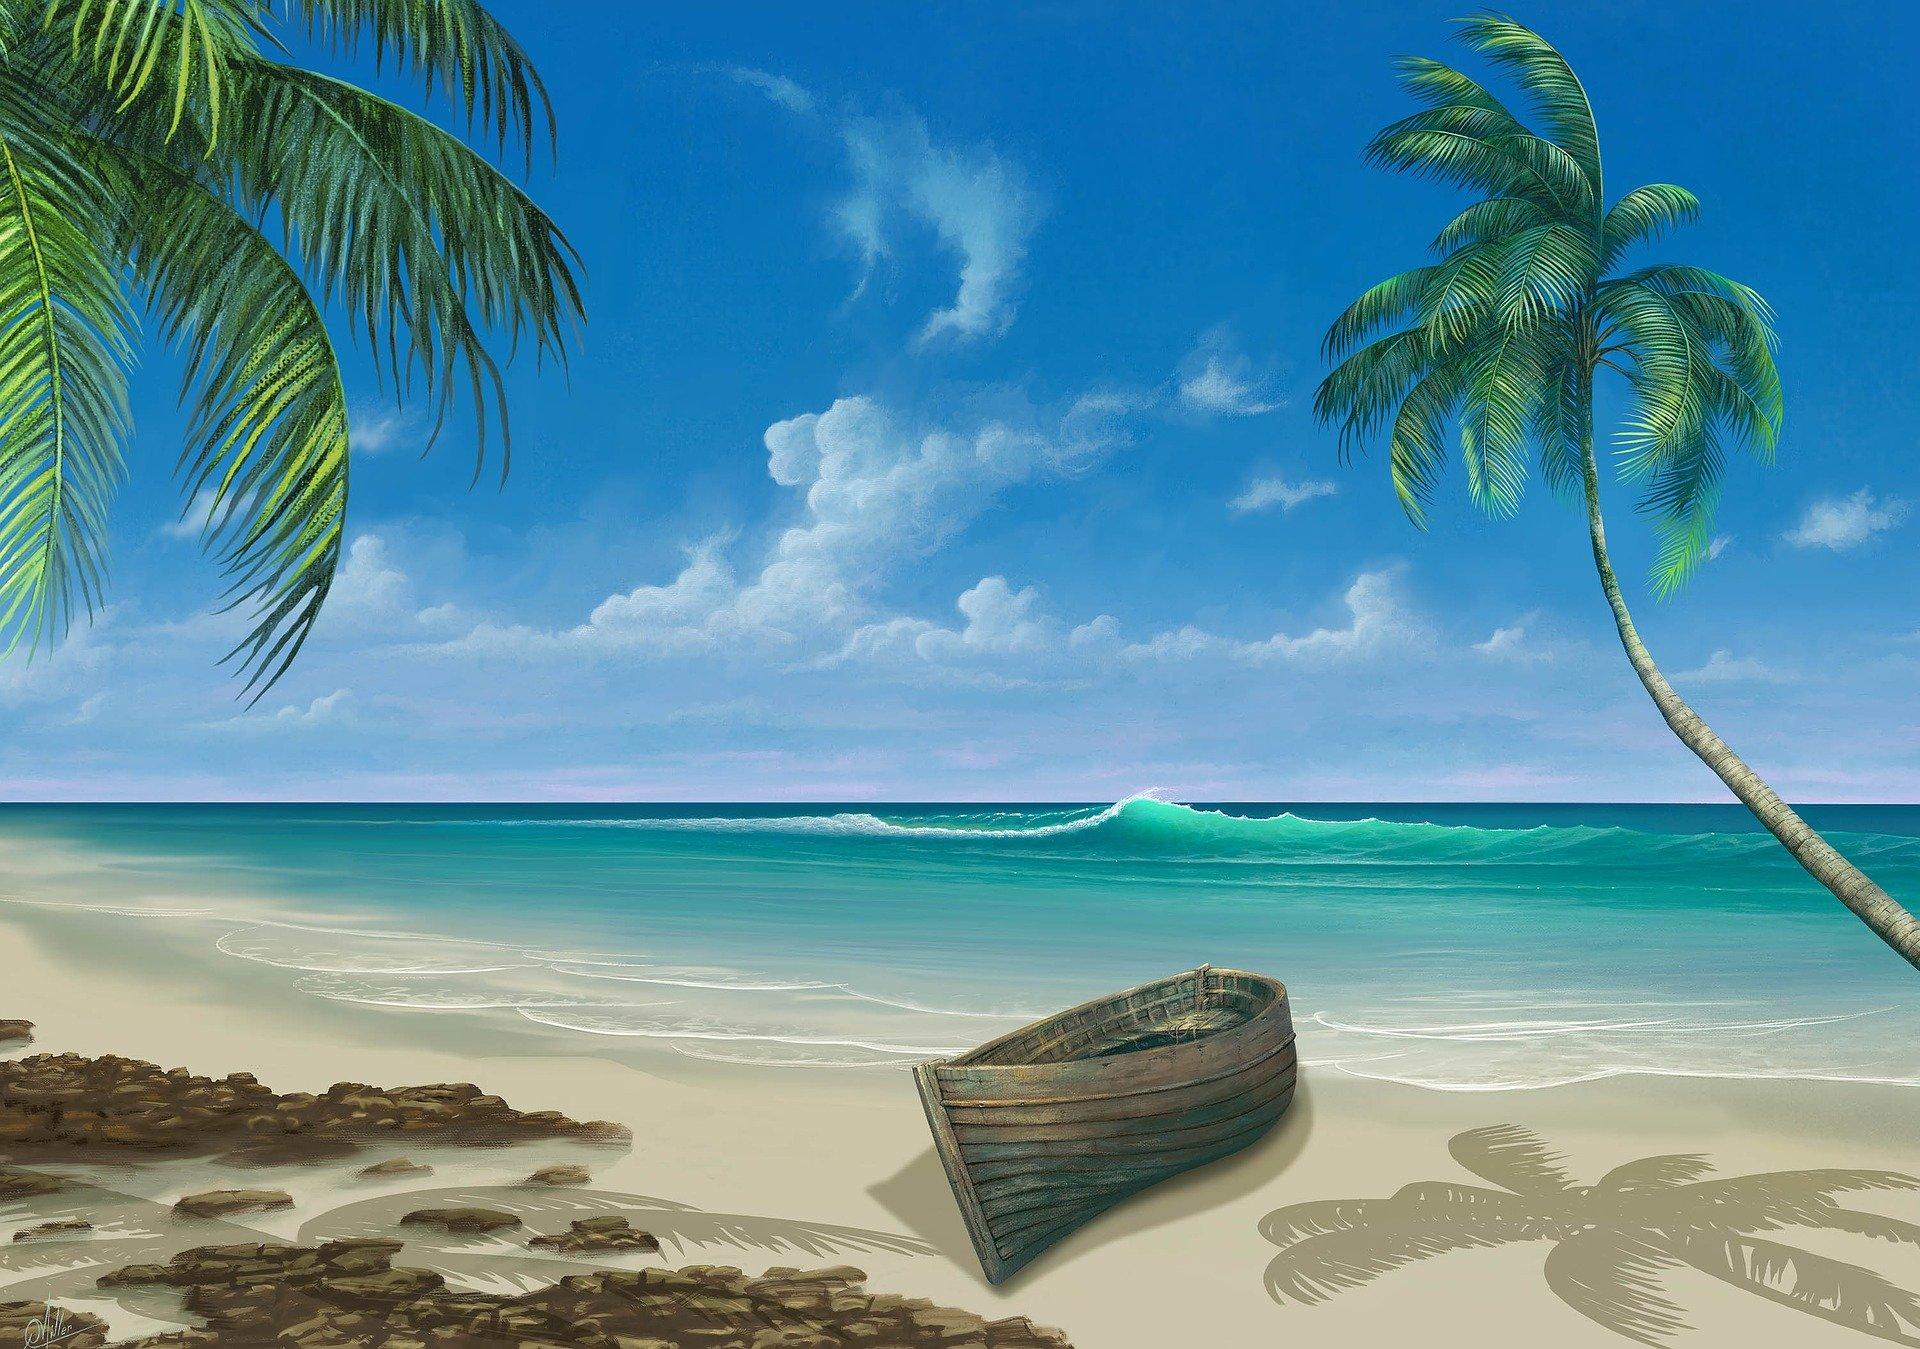 imagens de praias